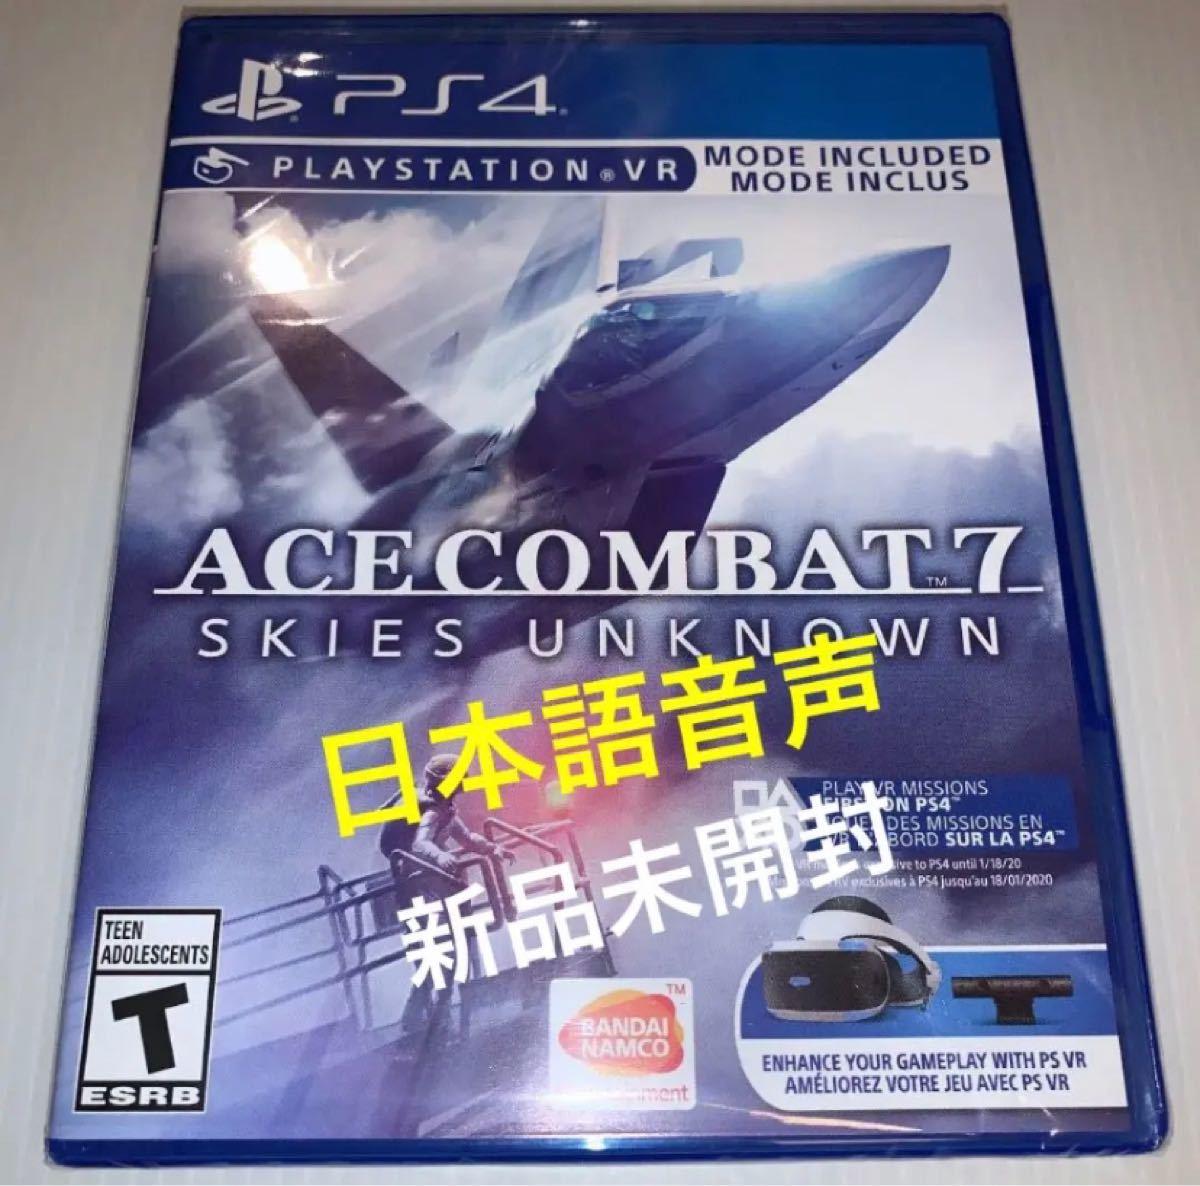 ACE COMBAT7 エースコンバット7 ps4 ソフト 北米版 新品未開封